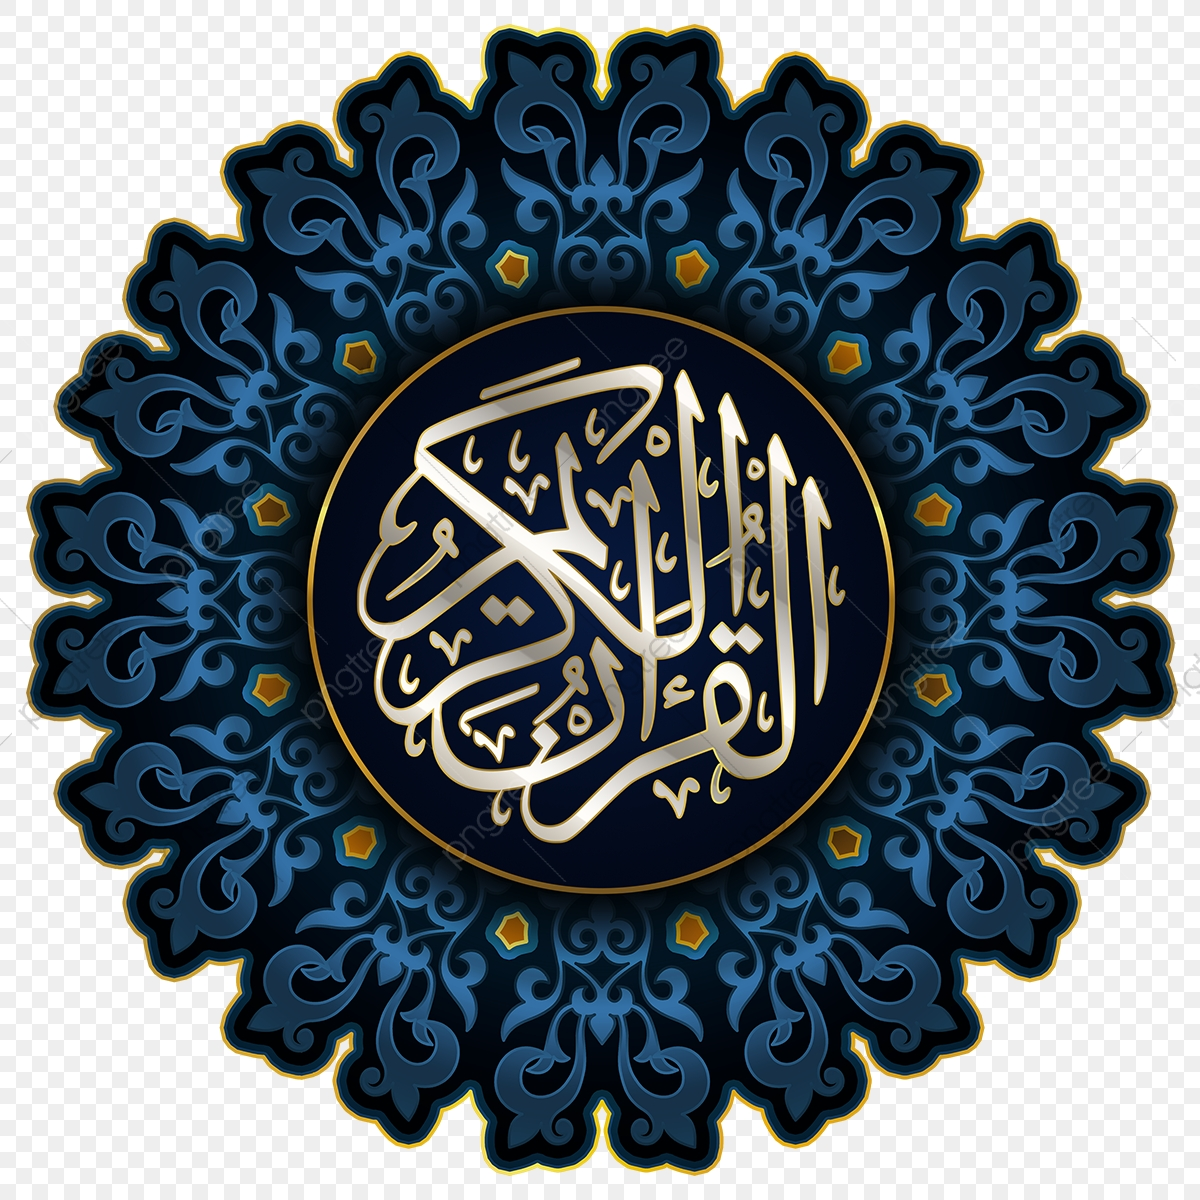 جميل مصحف شعار حلية فن القرآن اسلامية الإسلامية العربية Png وملف Psd للتحميل مجانا